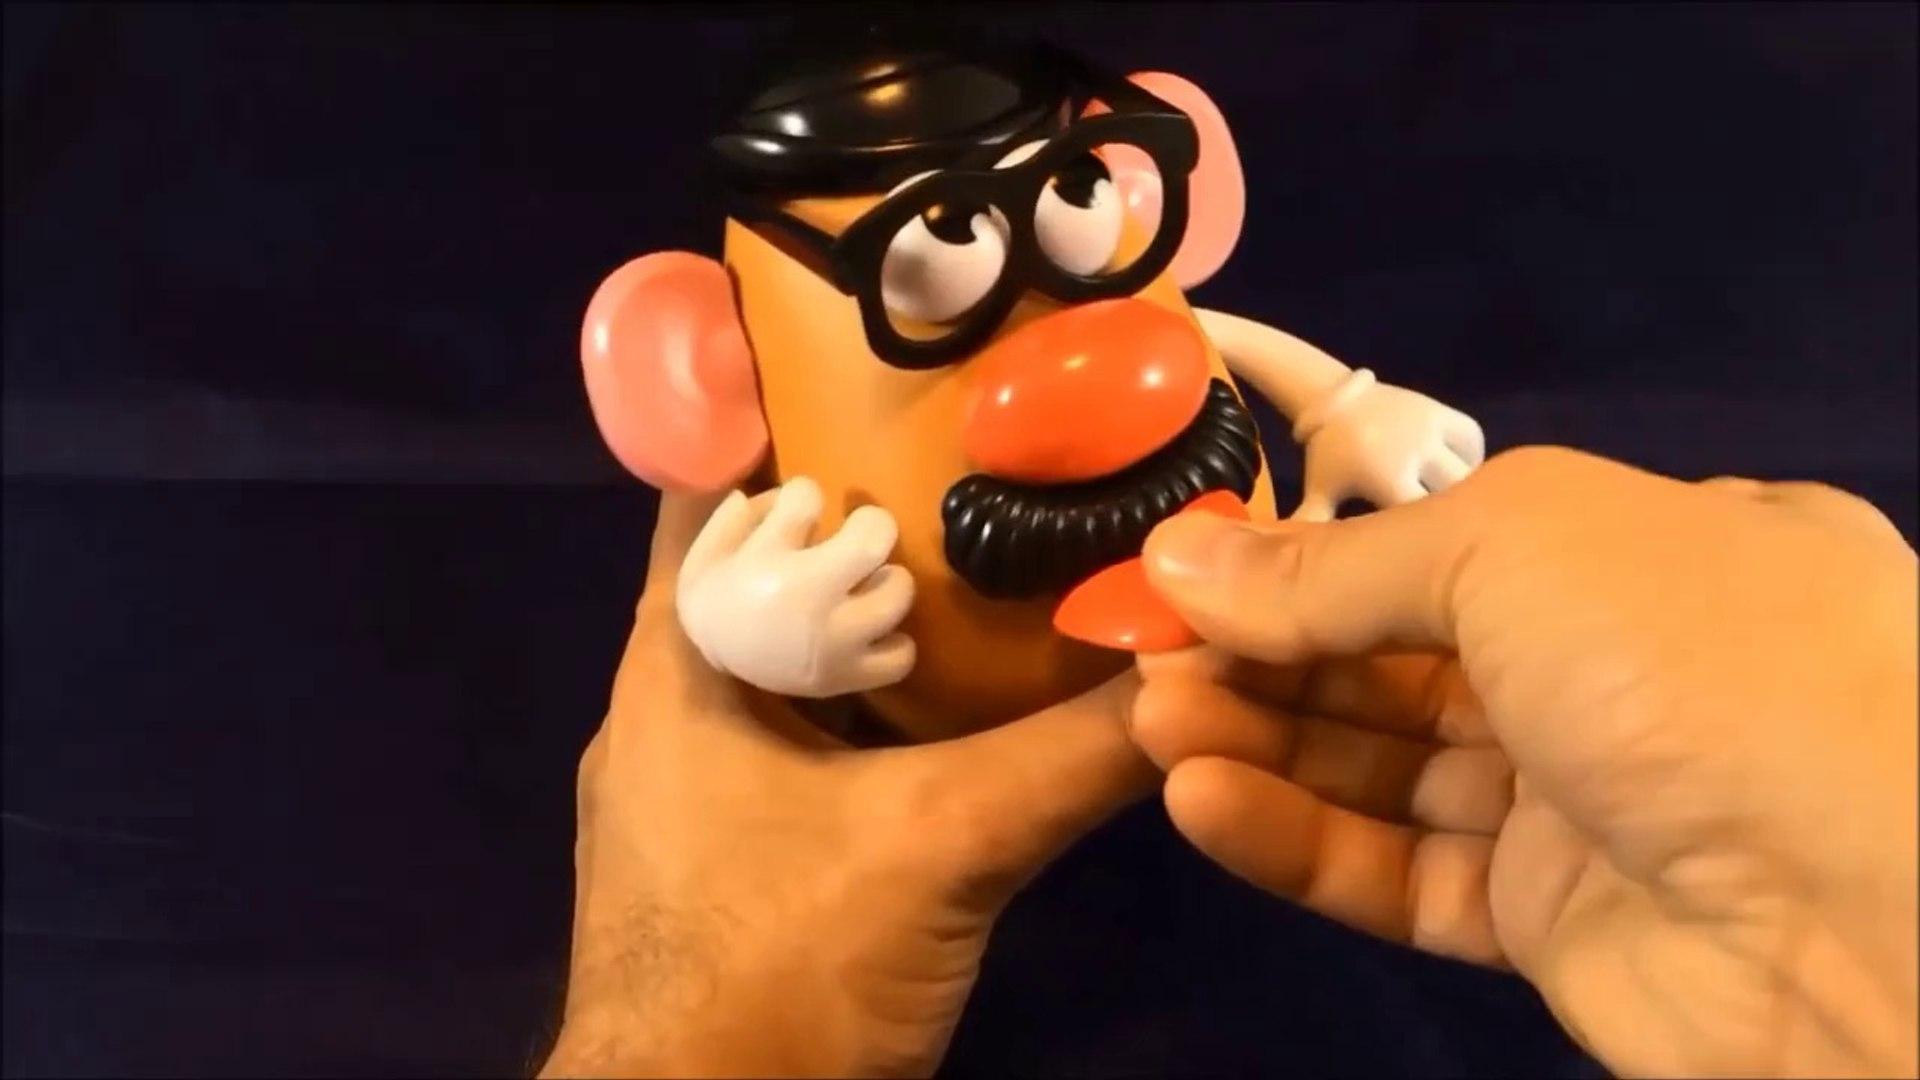 oeufs surprises pour enfants surprise eggs monsieur patate de toy story Disney production Mr potato